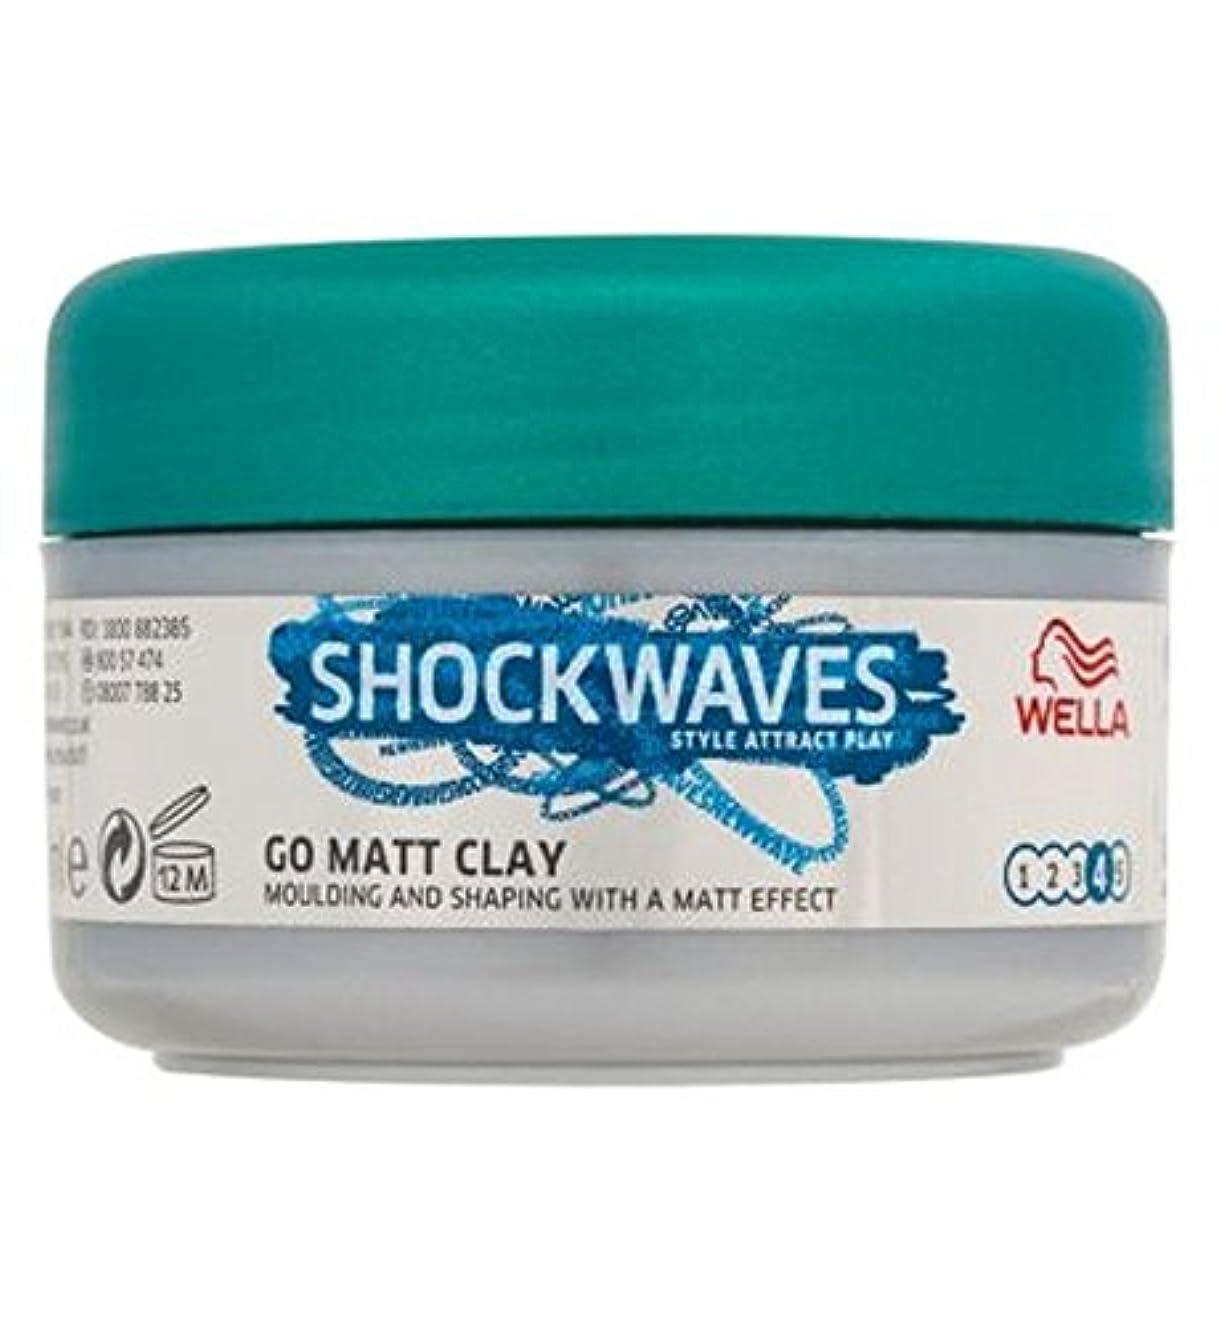 黙認する文房具フリッパーウエラの衝撃波の外向性はマット粘土75ミリリットルを行きます (Wella Shockwaves) (x2) - Wella Shockwaves Extrovert Go Matt Clay 75ml (Pack of...